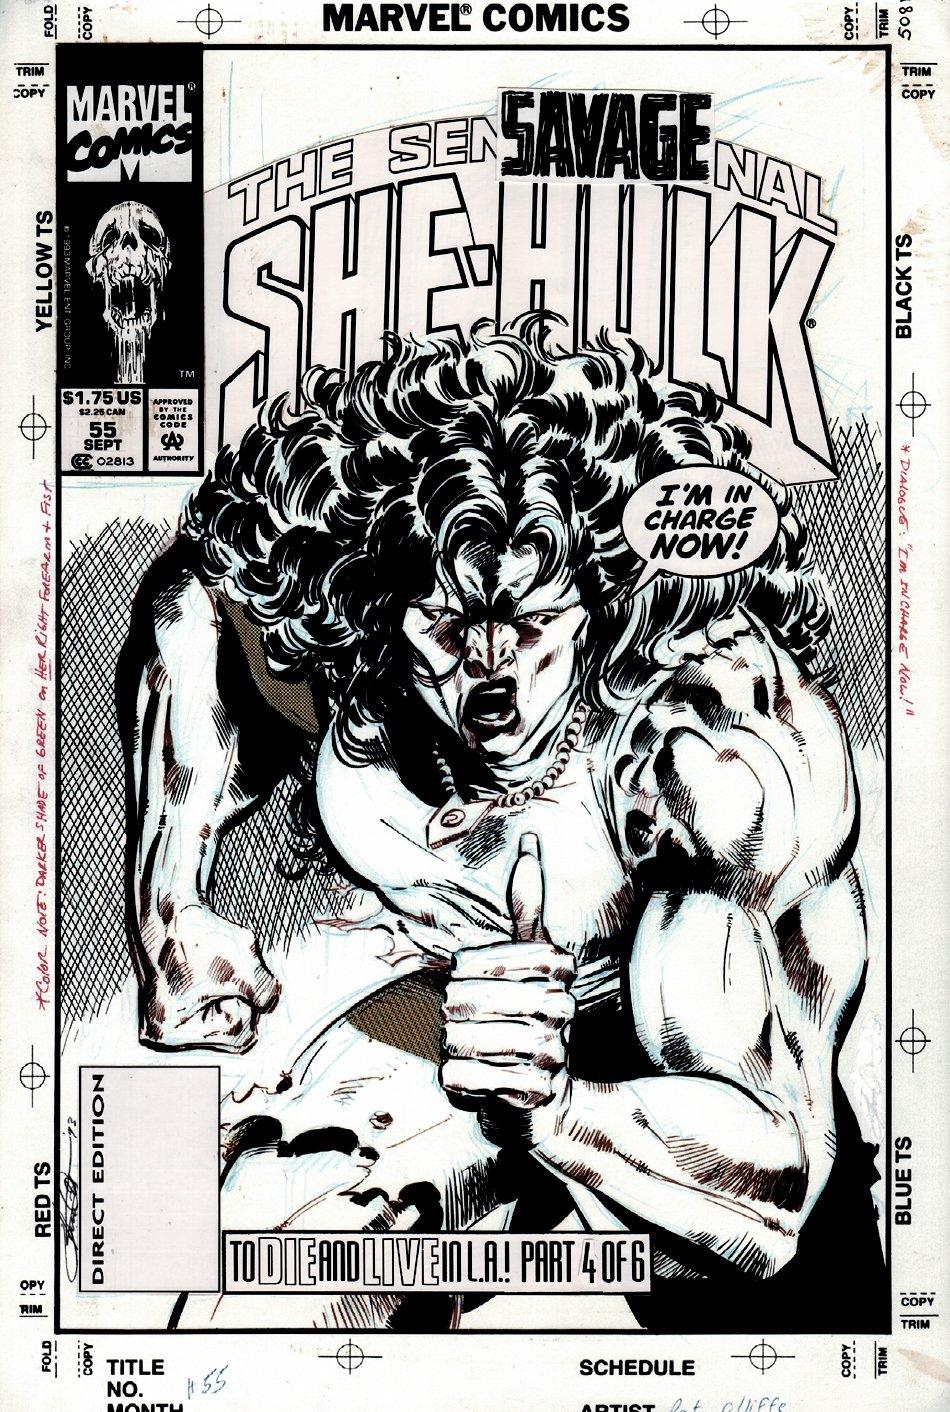 Sensational She-Hulk #55 Cover (1993)